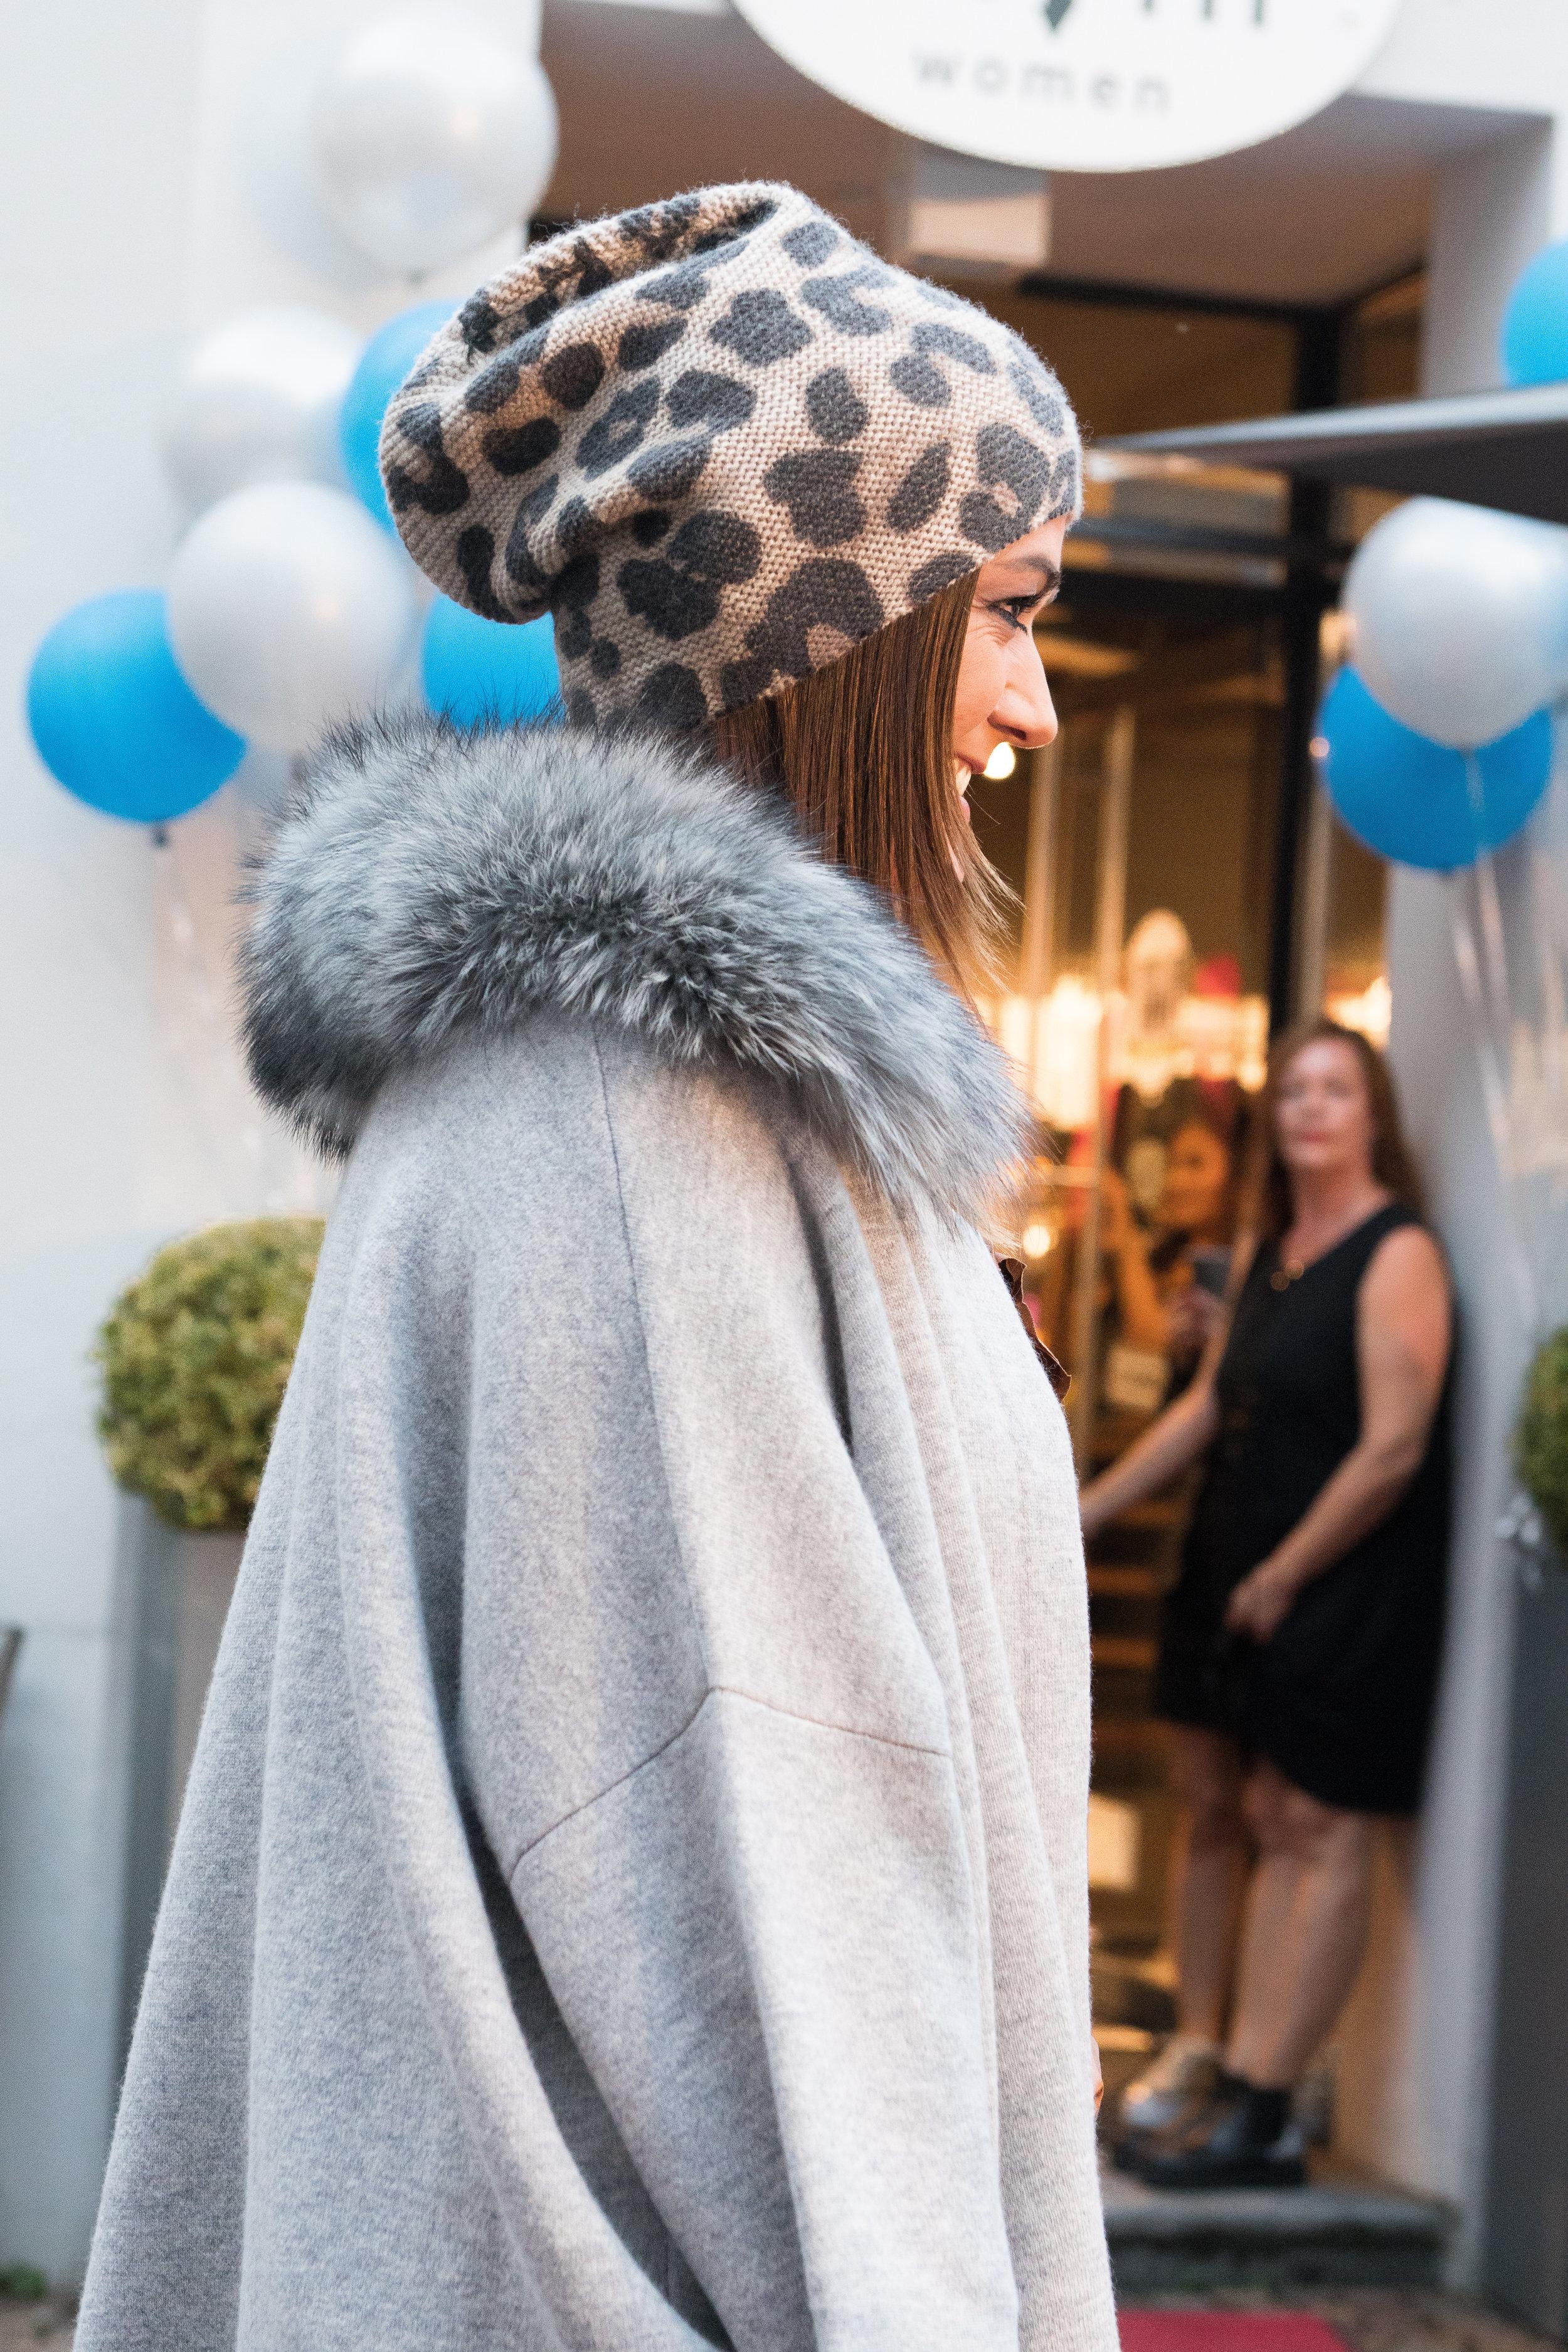 Fashionshowbackstage_19.jpg